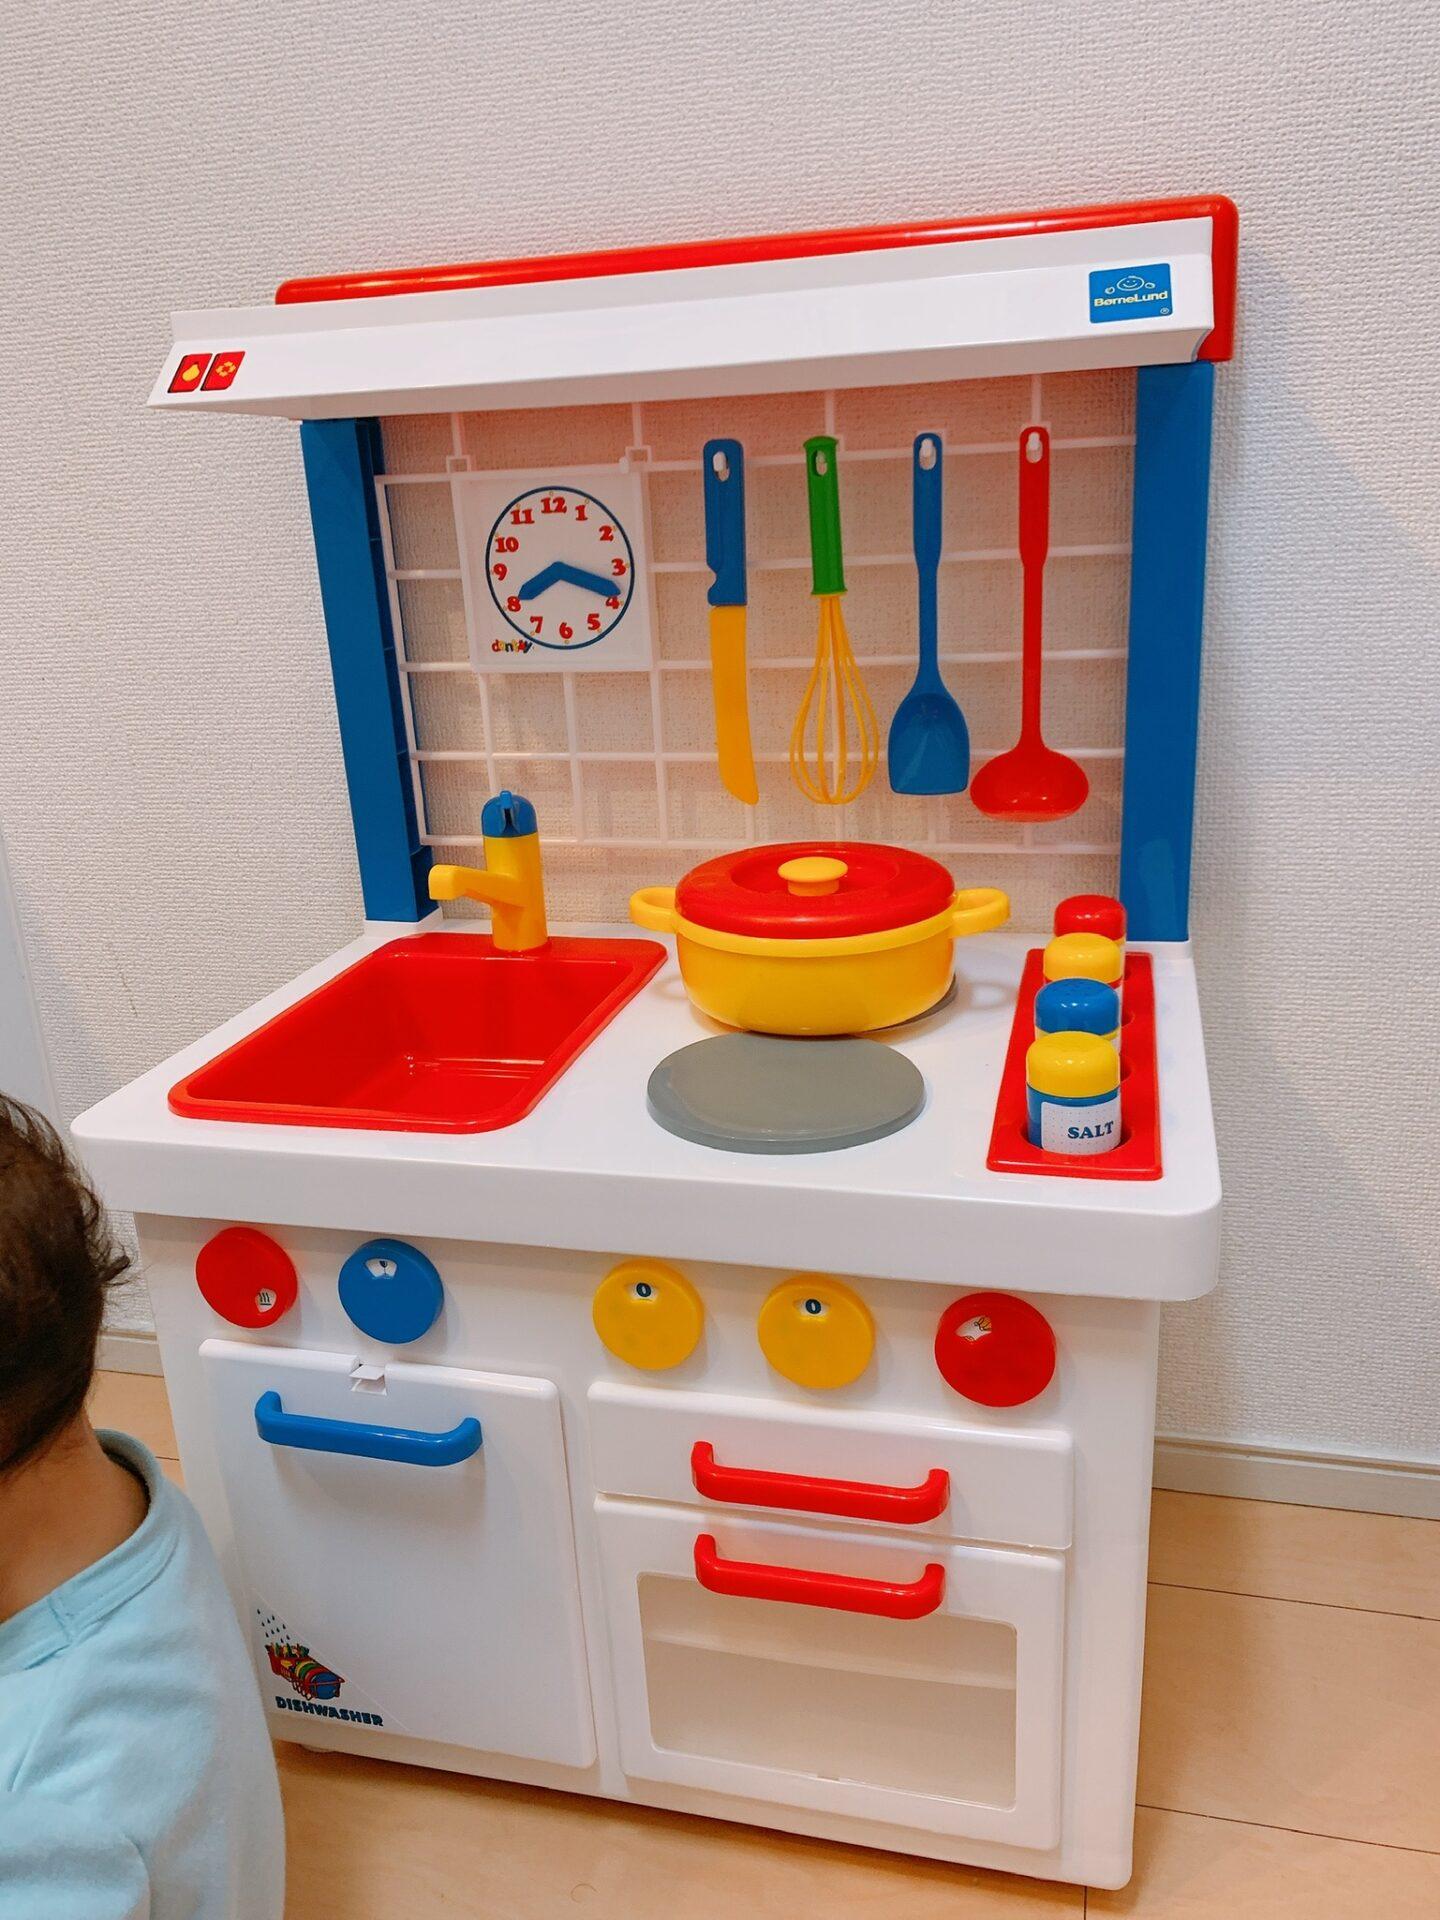 キッチンセンターの完成品全体図